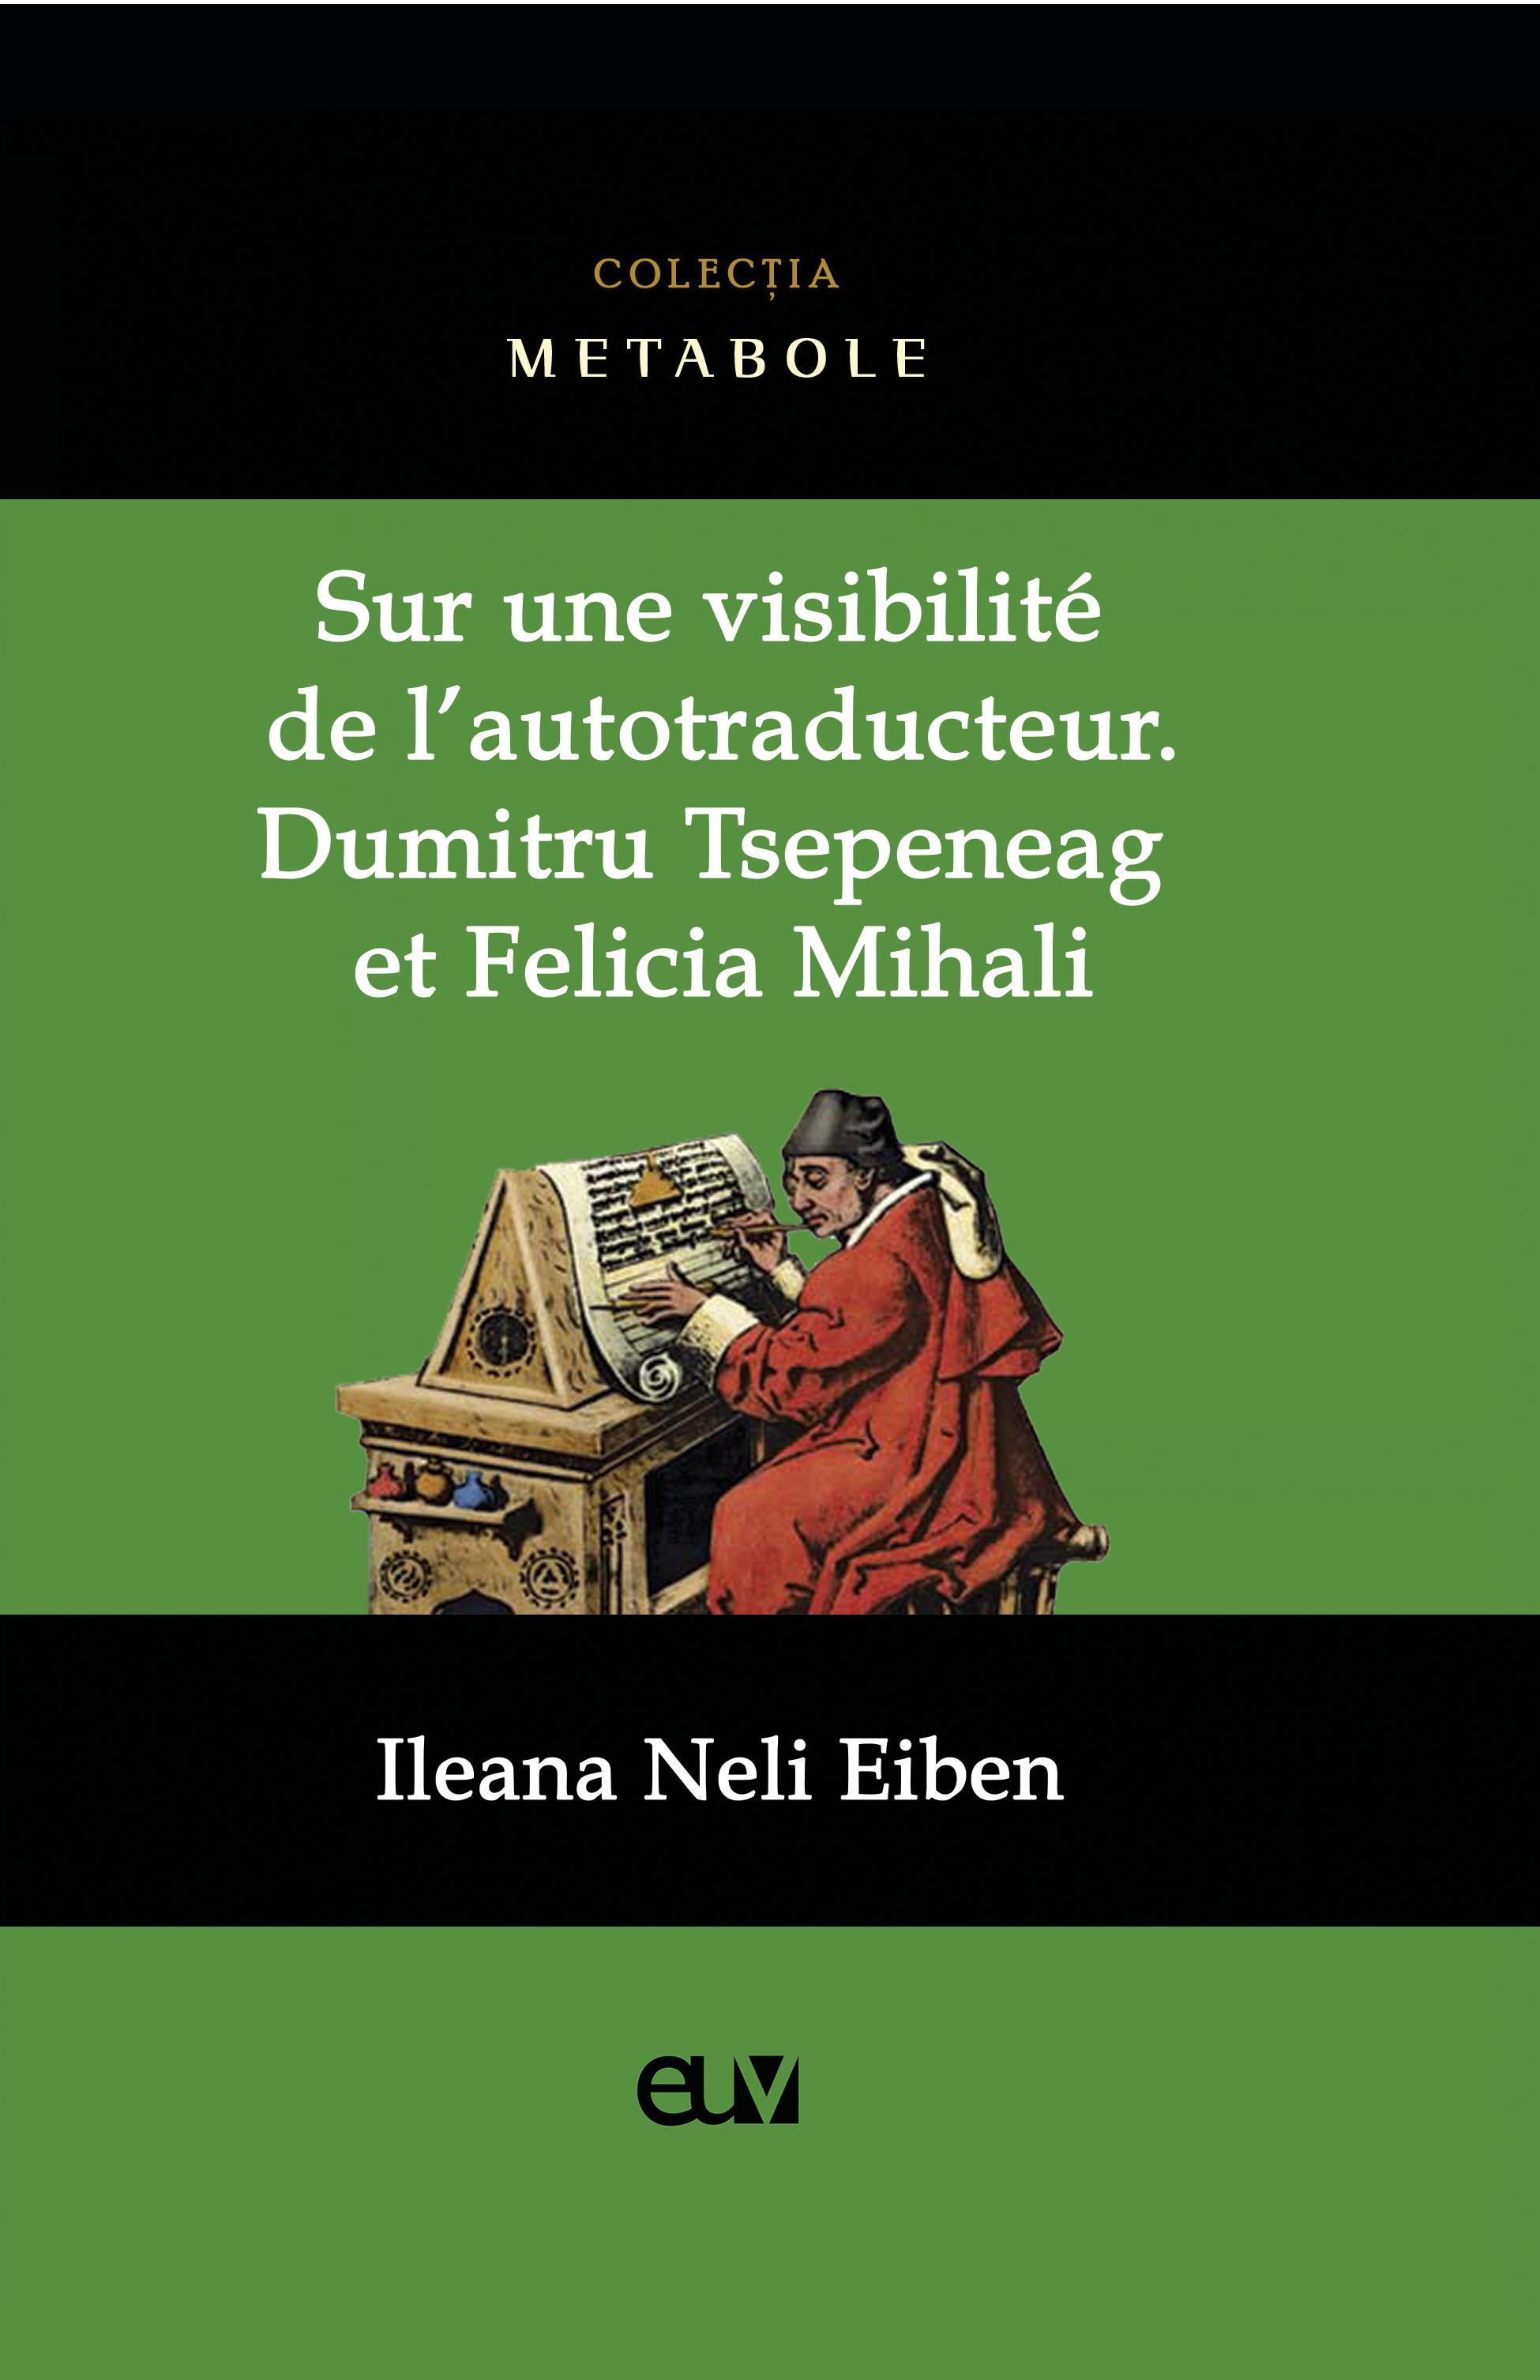 I. N. Eiben, Sur une visibilité de l'autotraducteur :  Dumitru Tsepeneag et Felicia Mihali